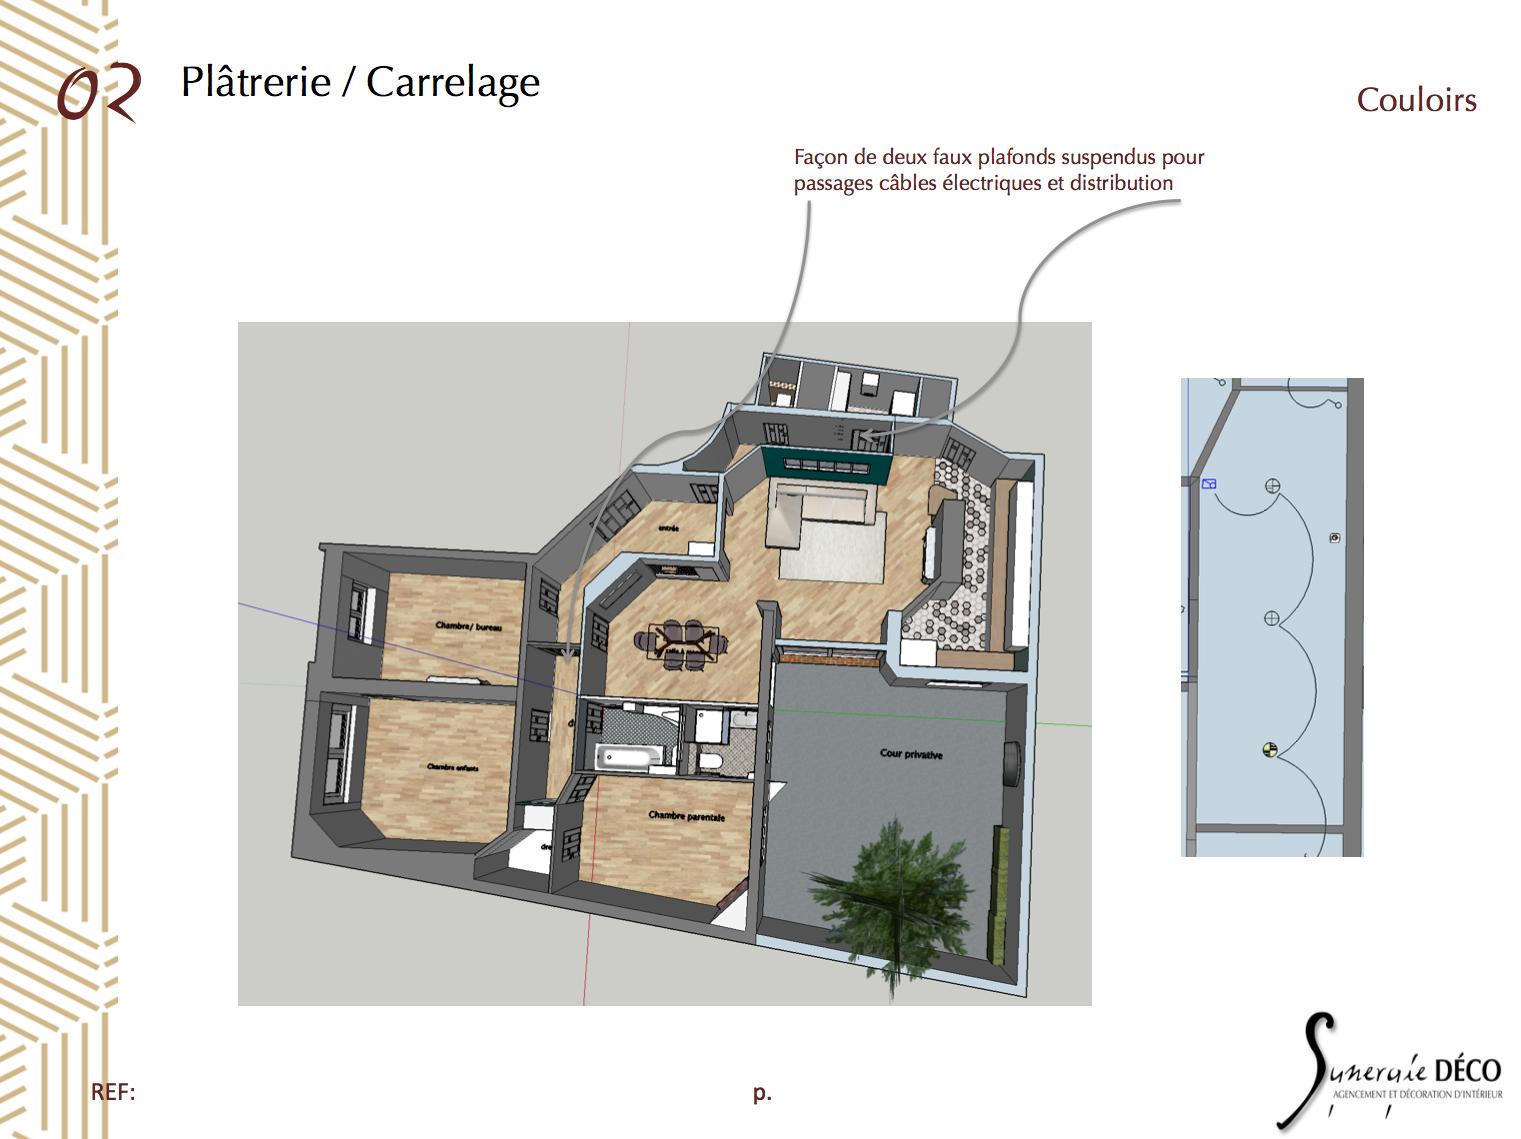 Rédaction d'un cahier des charges illustré (sur demande, pour les prestations architecture intérieur)